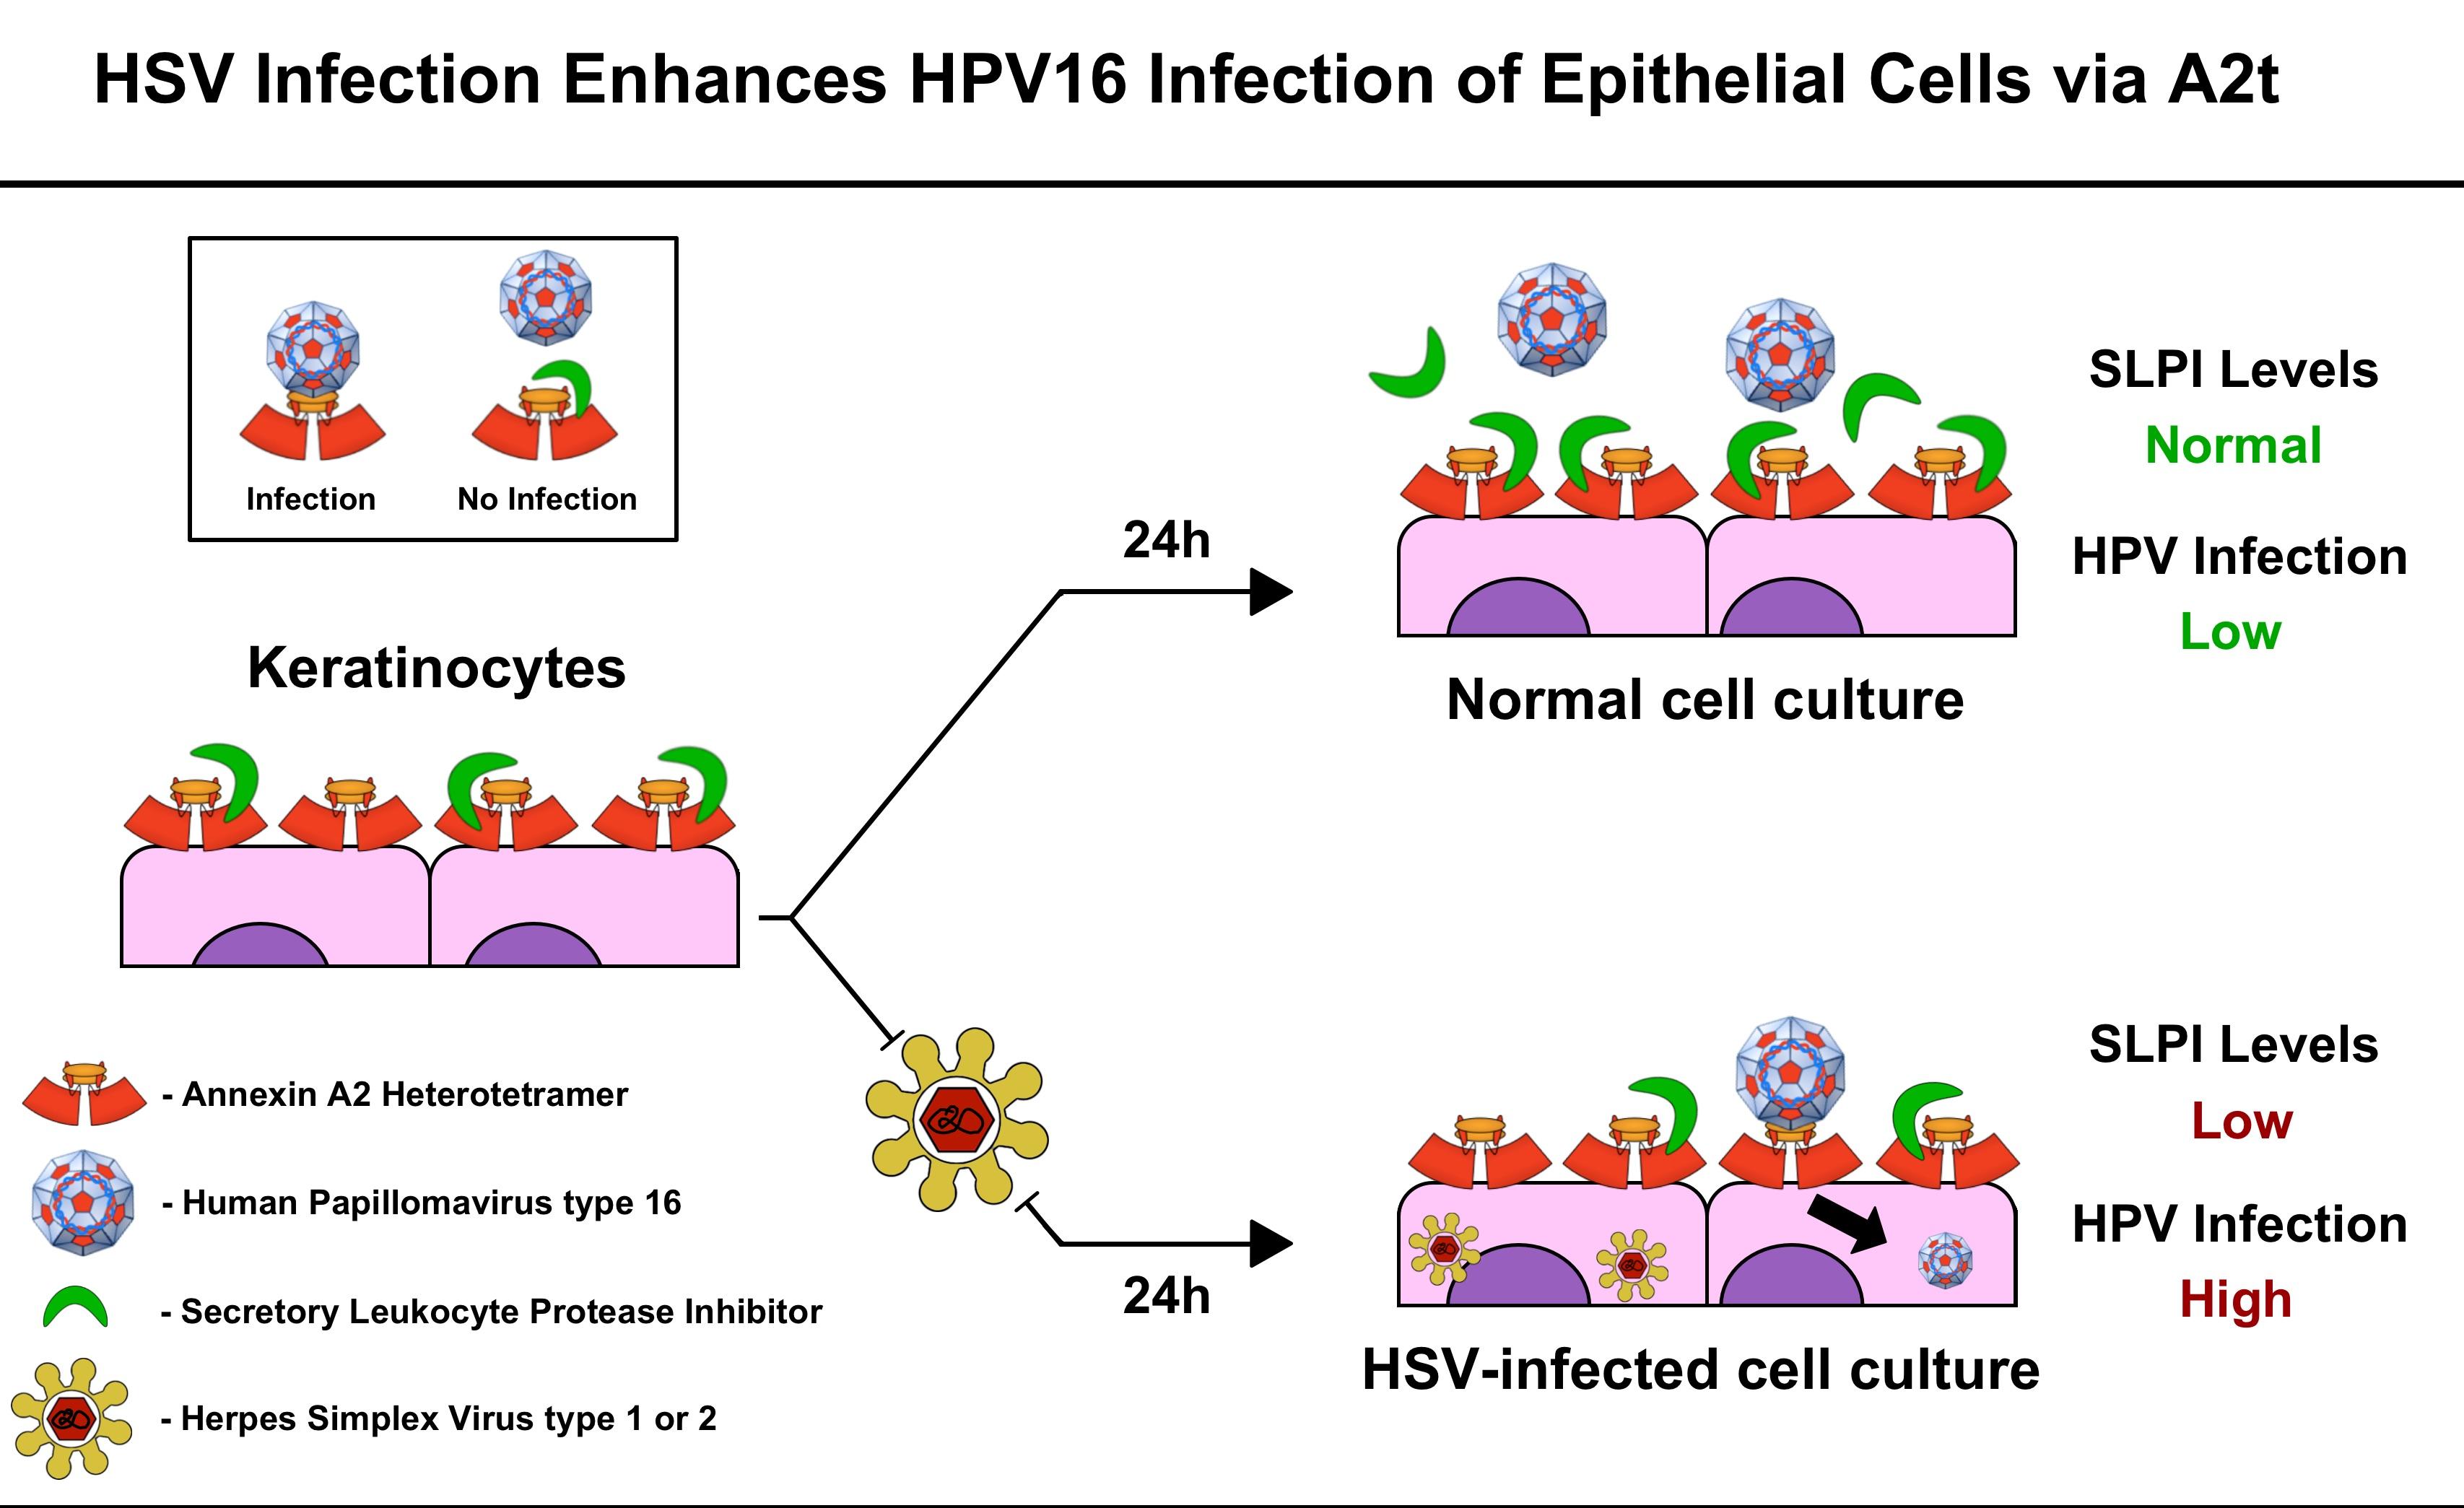 Hpv virus is herpes